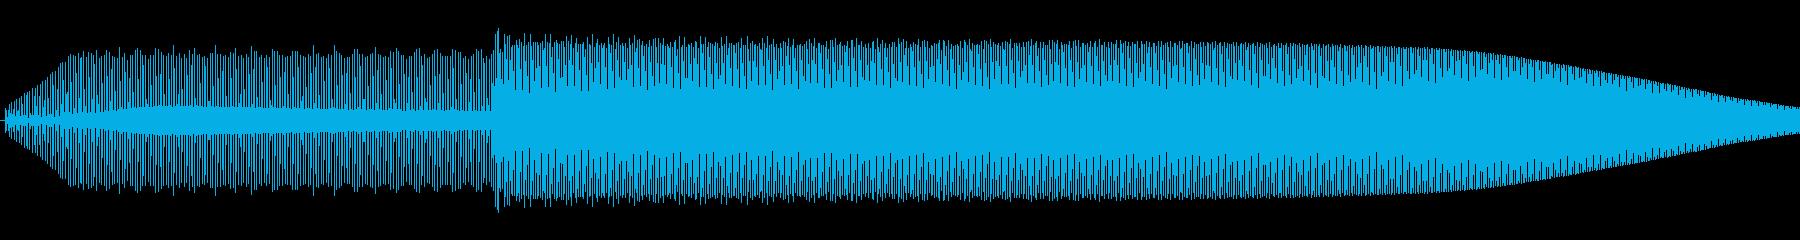 シンプルな決定音の再生済みの波形